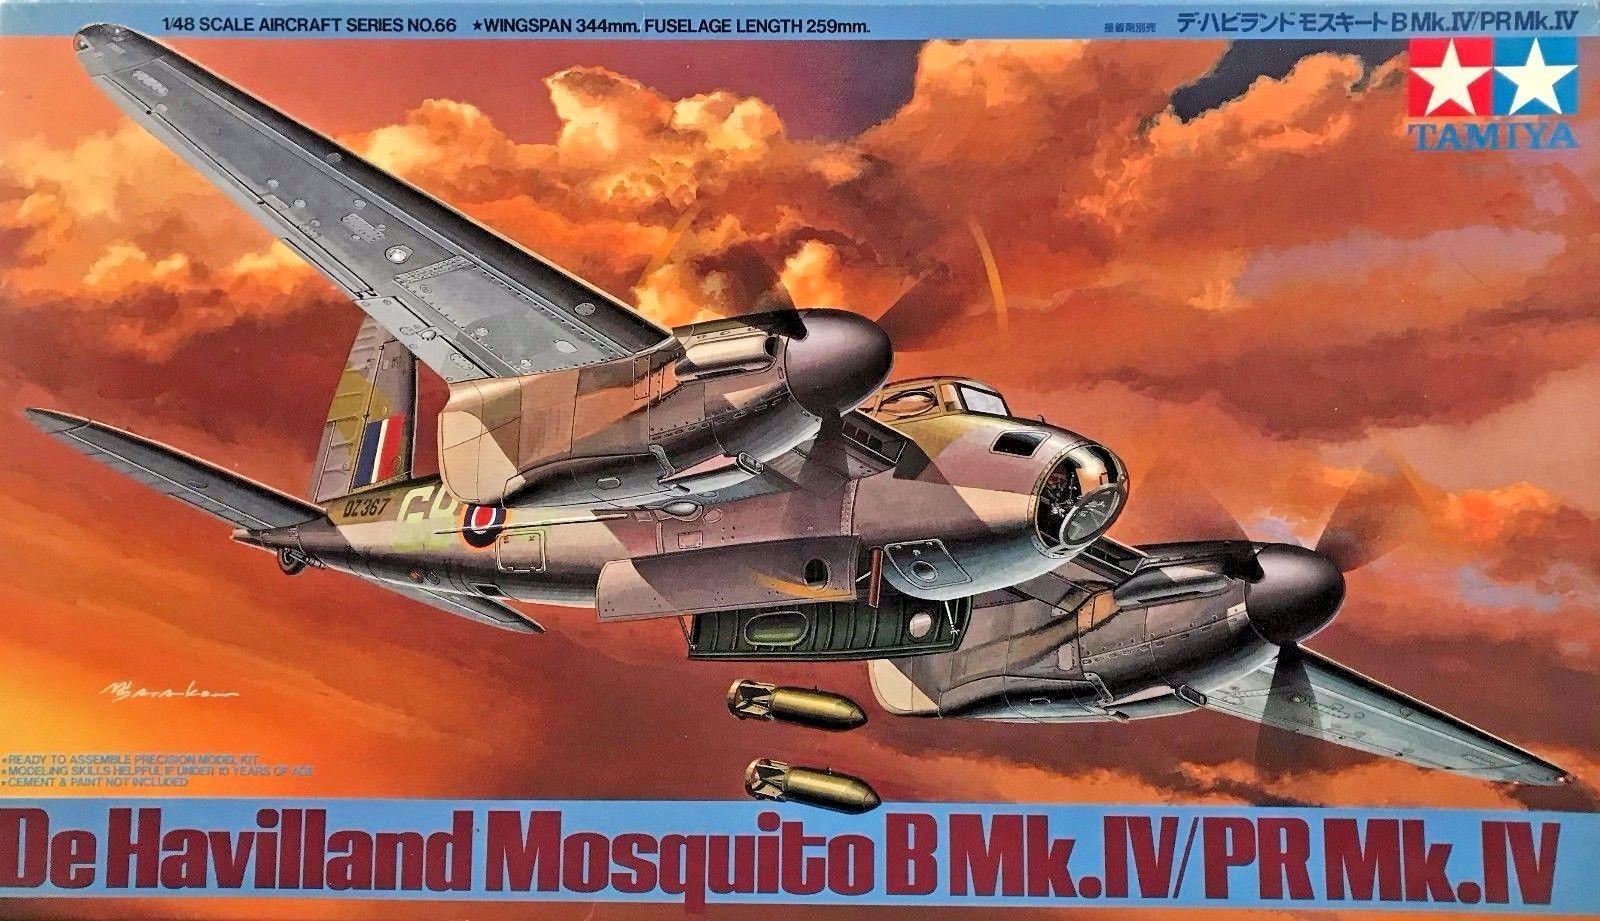 Mosquito B Mk.IV   PR Mk.IV - 1  48 flygagagplan modellllerlerl Kit - Tamiya 61066